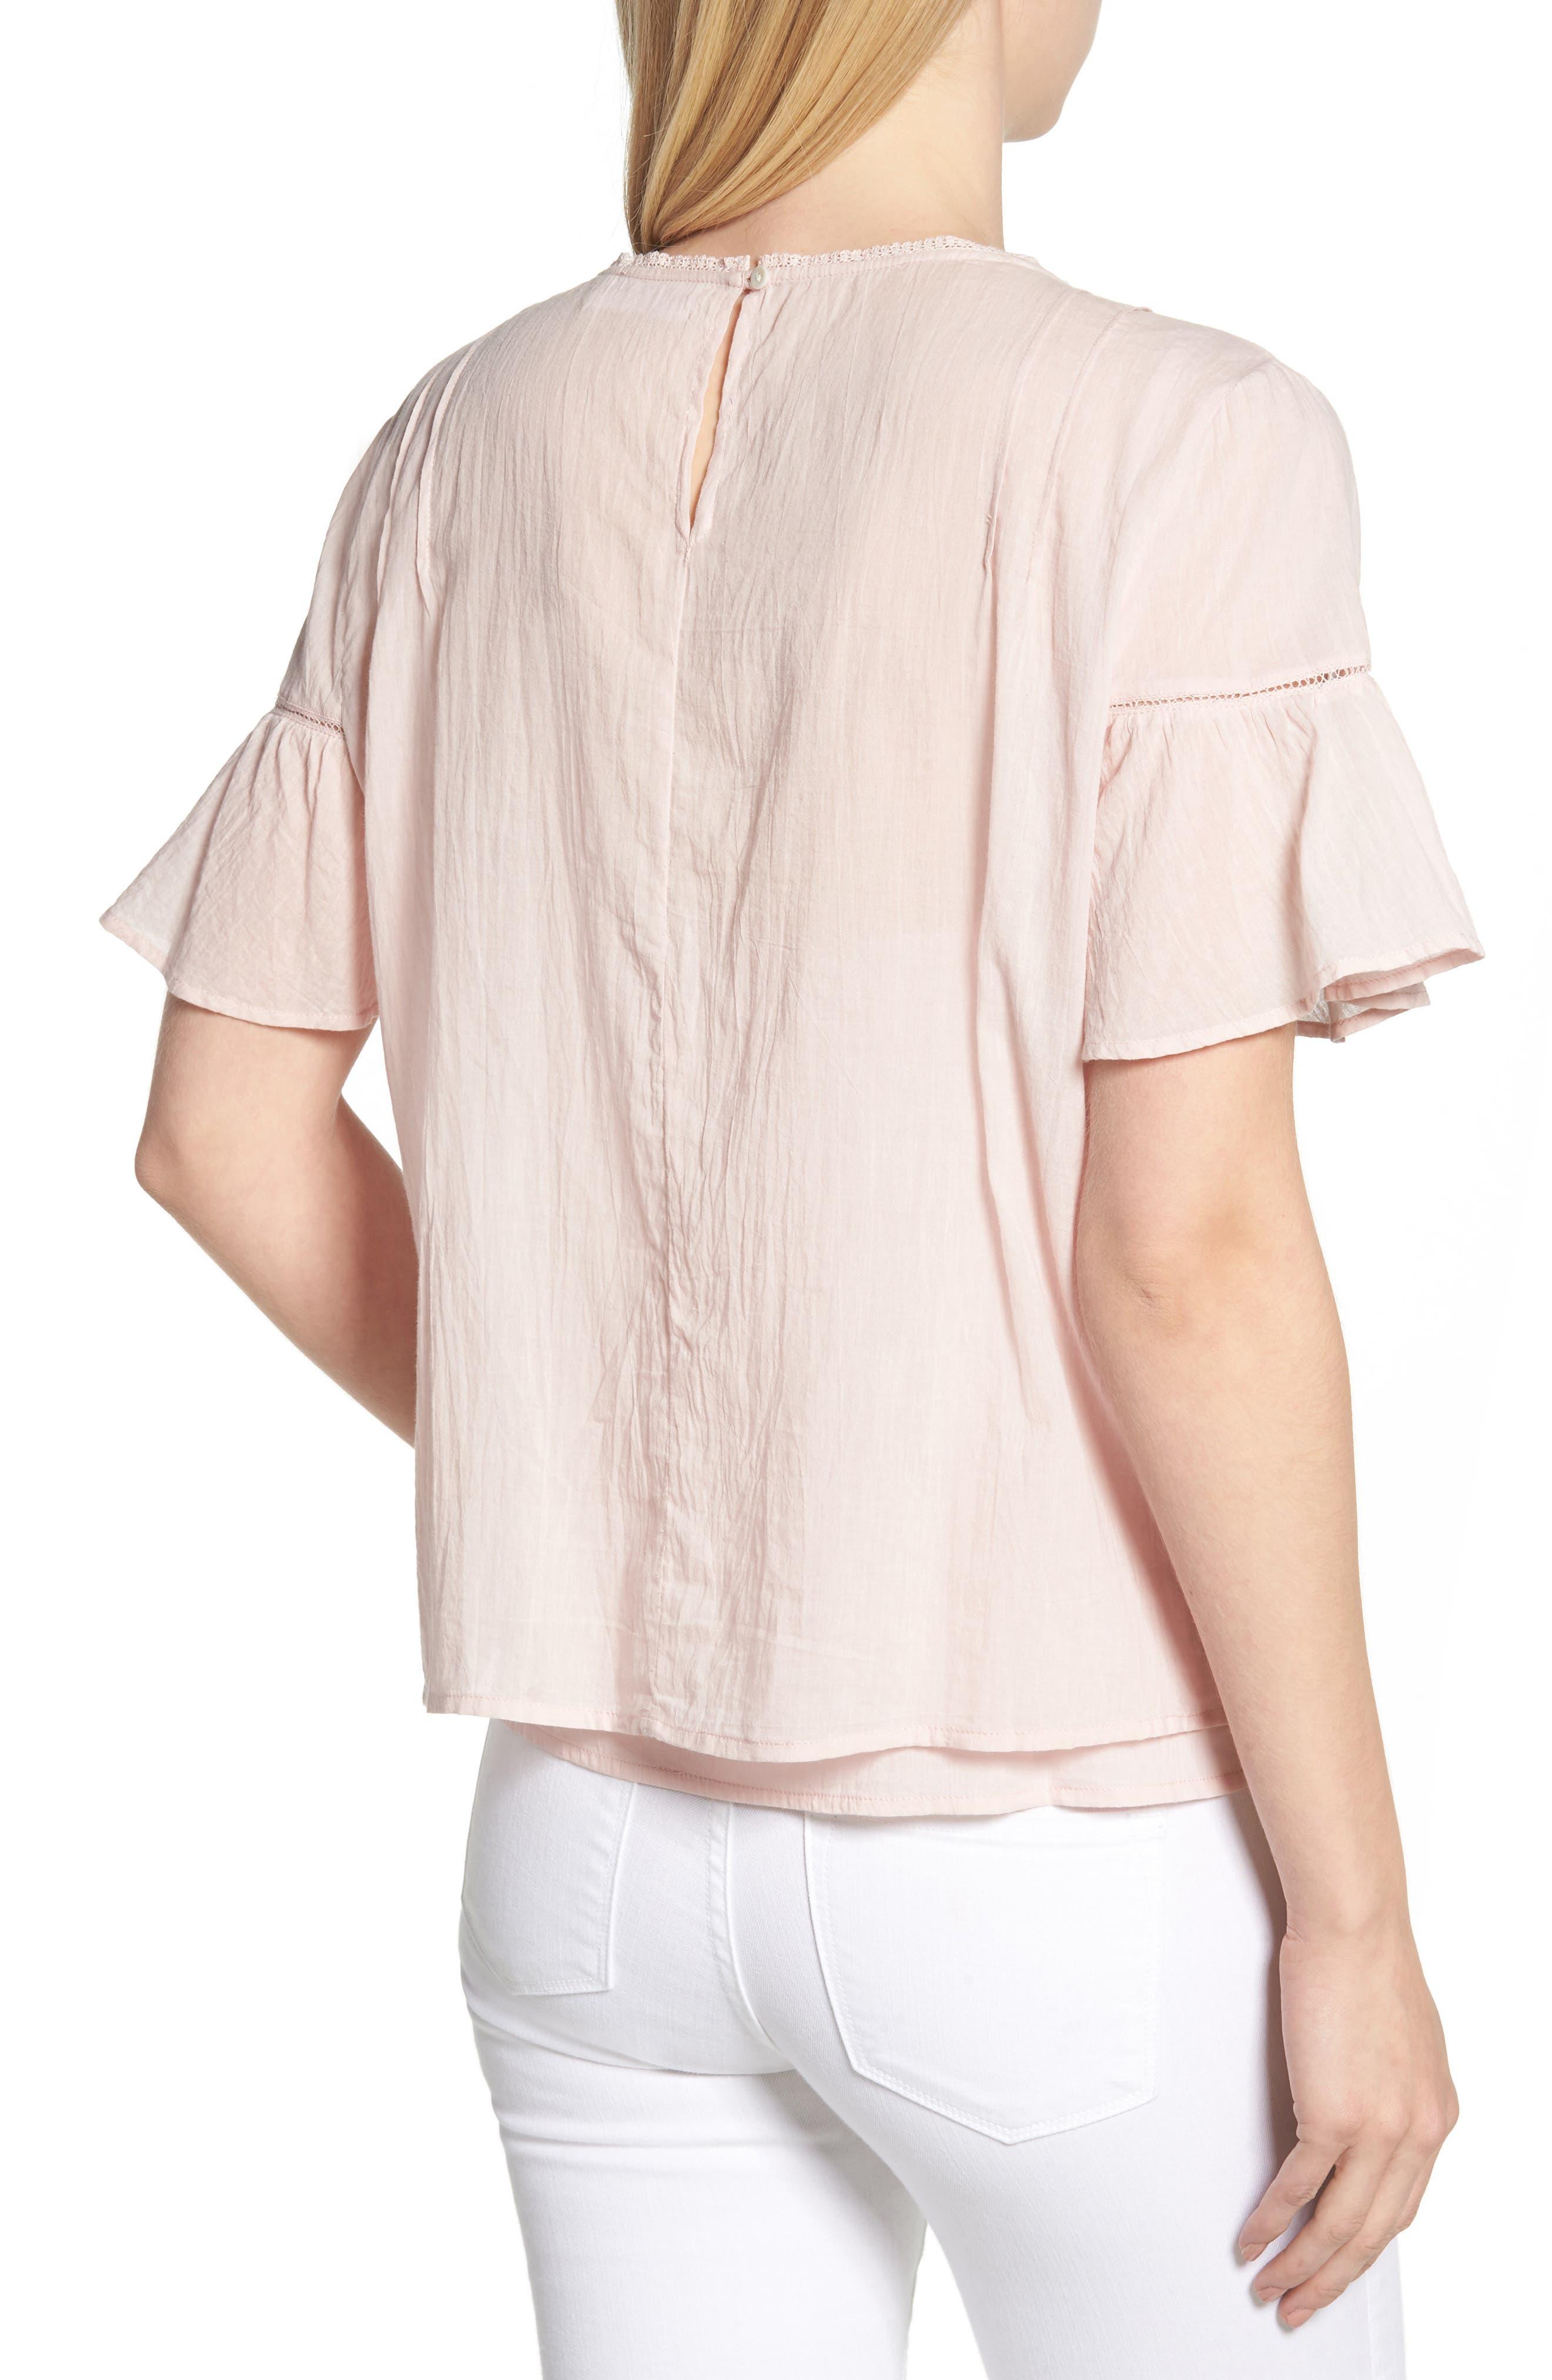 Cotton Lace Blouse,                             Alternate thumbnail 2, color,                             PALE PINK